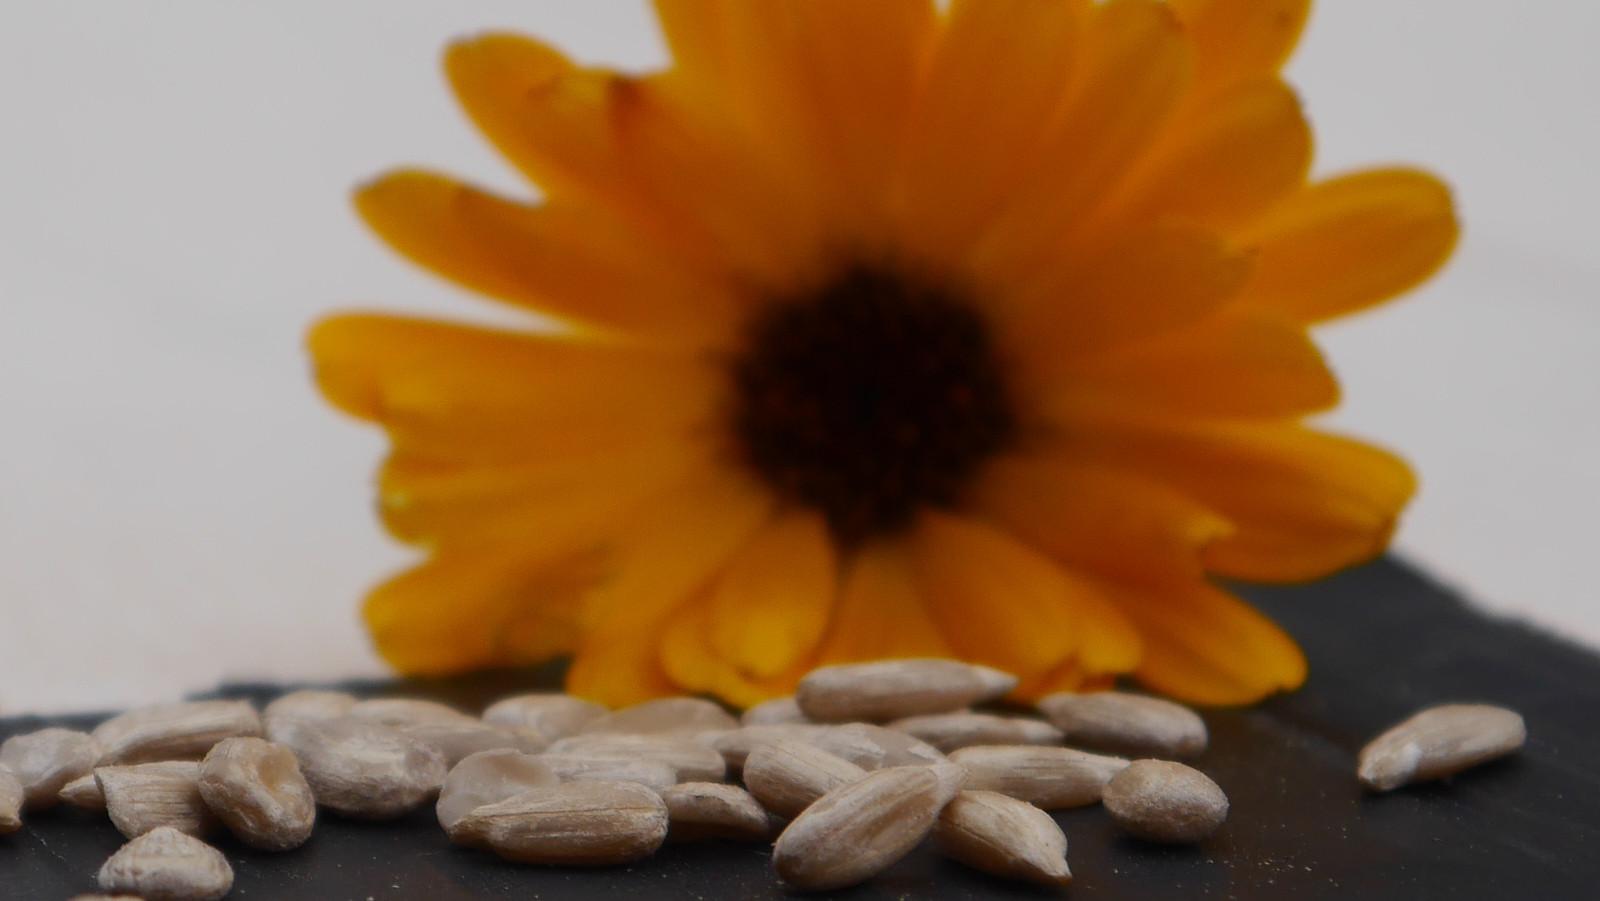 Sonnenblumenkerne: nussig geröstet